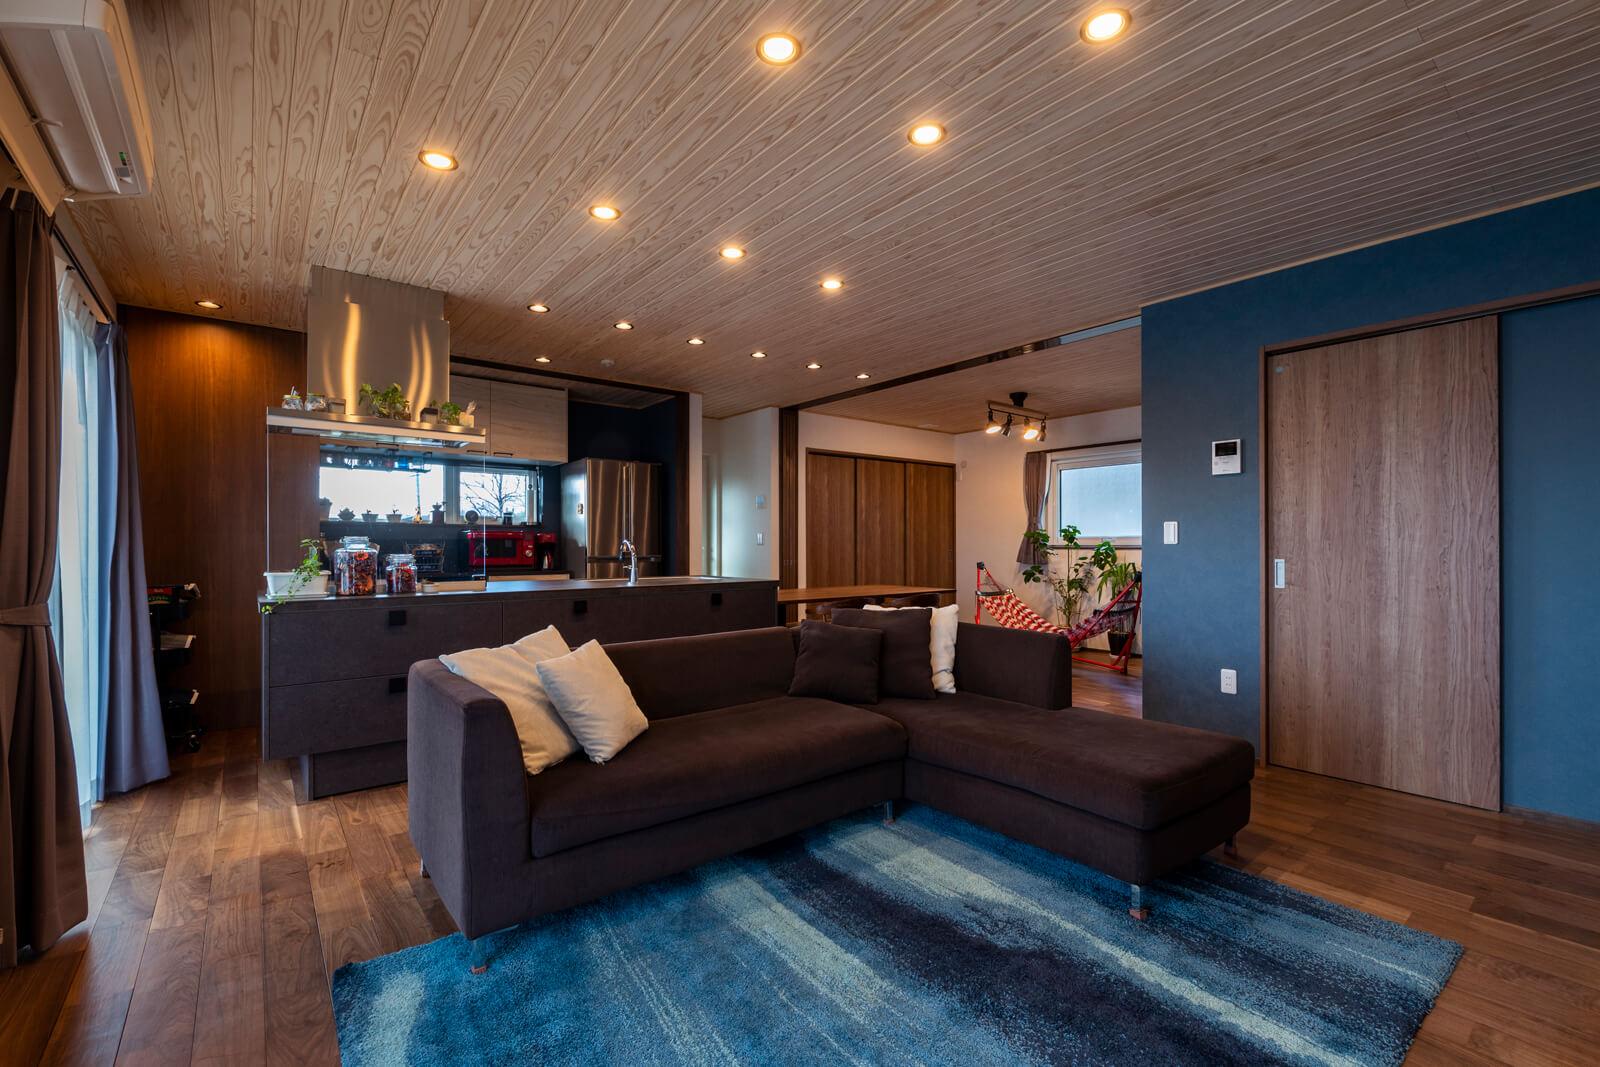 Fさんご家族の団らんの場にキッチンを据えたリビング・キッチンスタイル。板張り天井、ブラックウォールナットの床に、ブルーの壁がアクセント